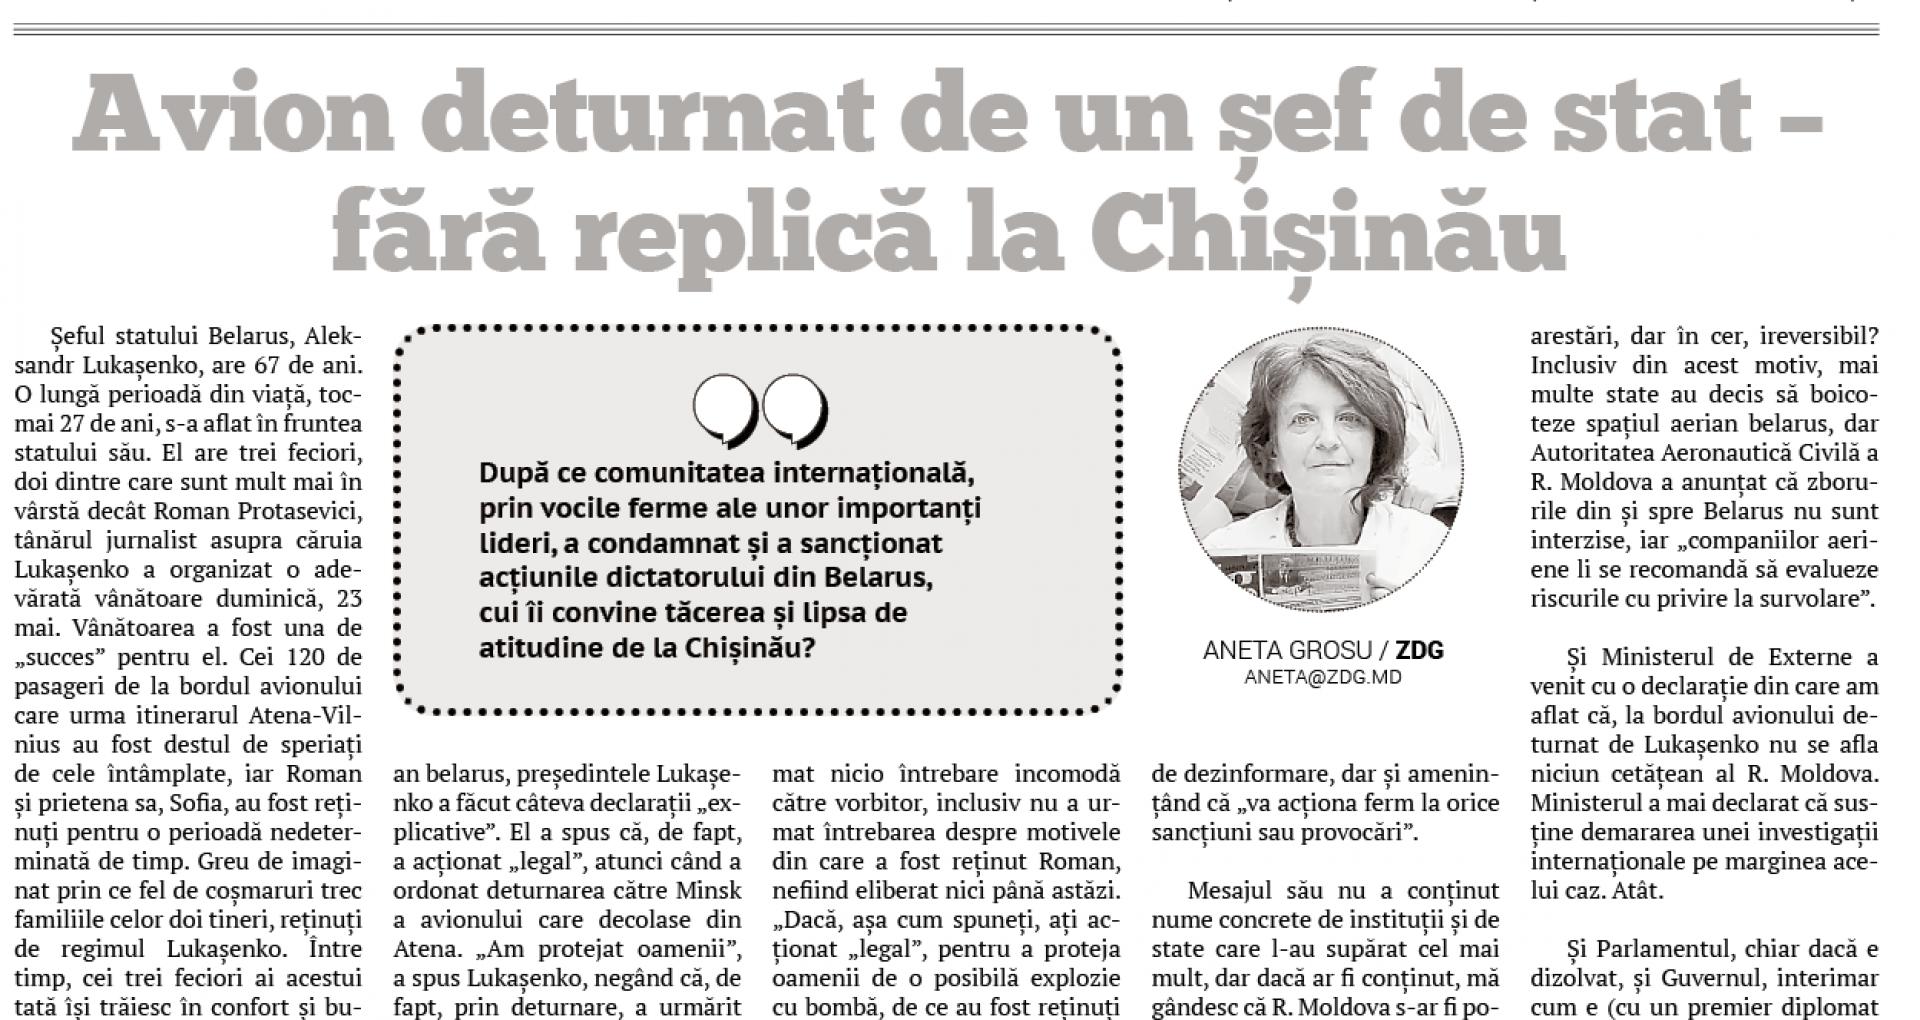 Avion deturnat de un șef de stat — fără replică la Chișinău